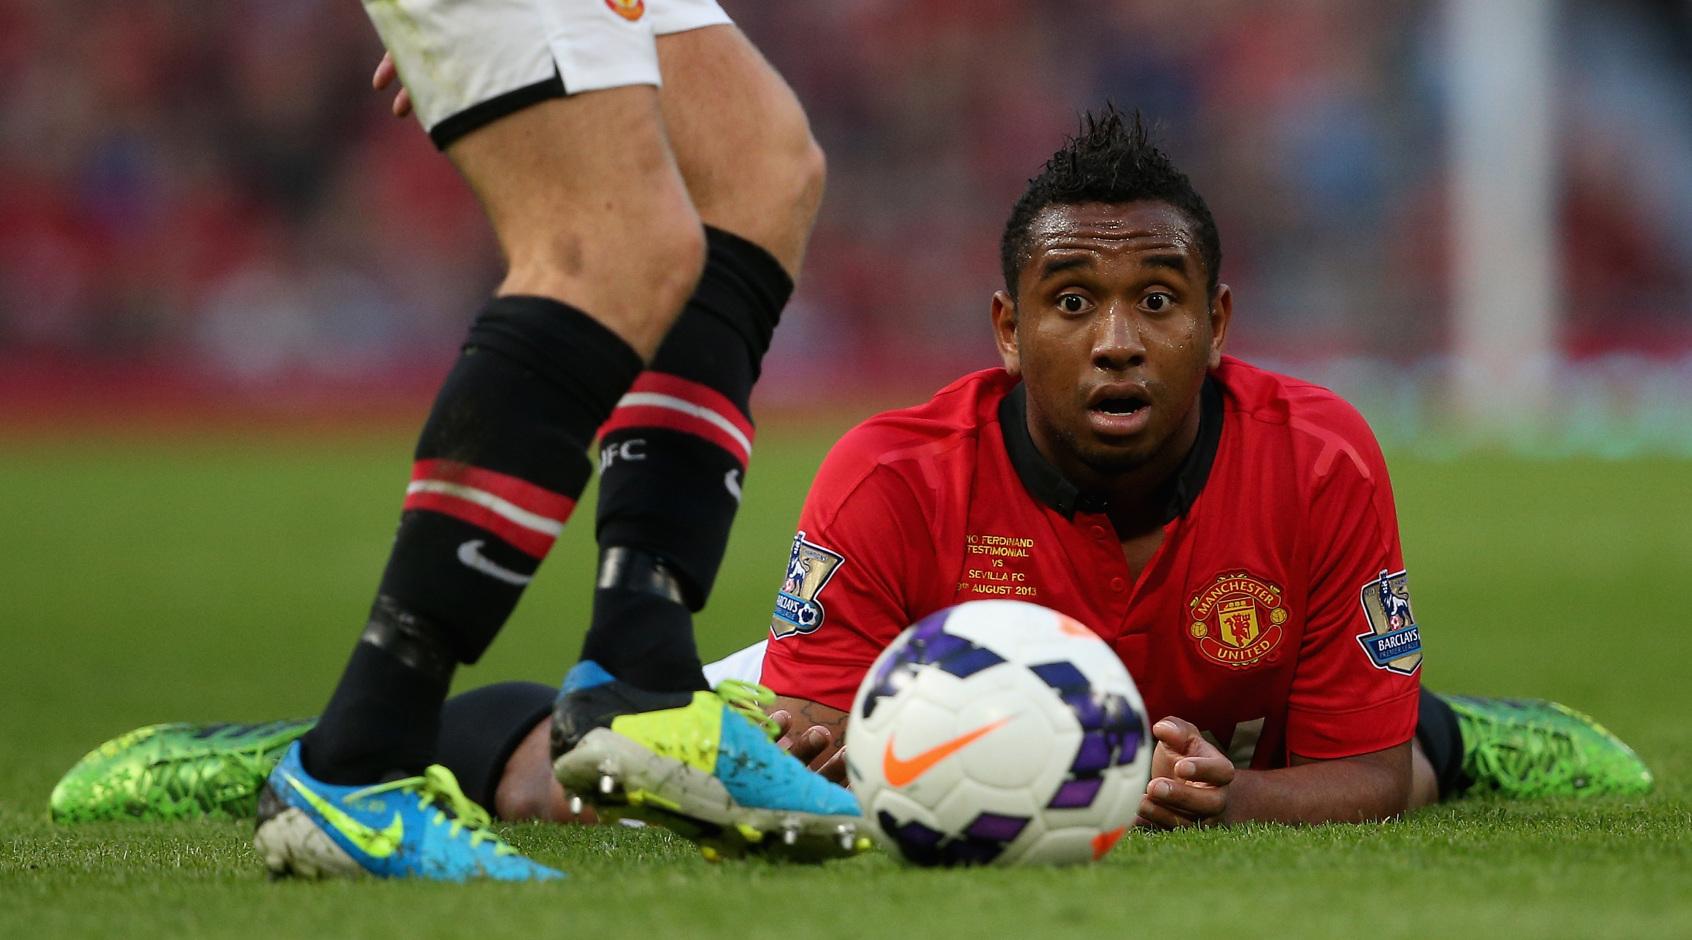 """Экс-хавбек """"Манчестер Юнайтед"""" Андерсон: """"Не хочу связываться с футболом вновь, моя следующая цель - помочь людям в Африке"""""""